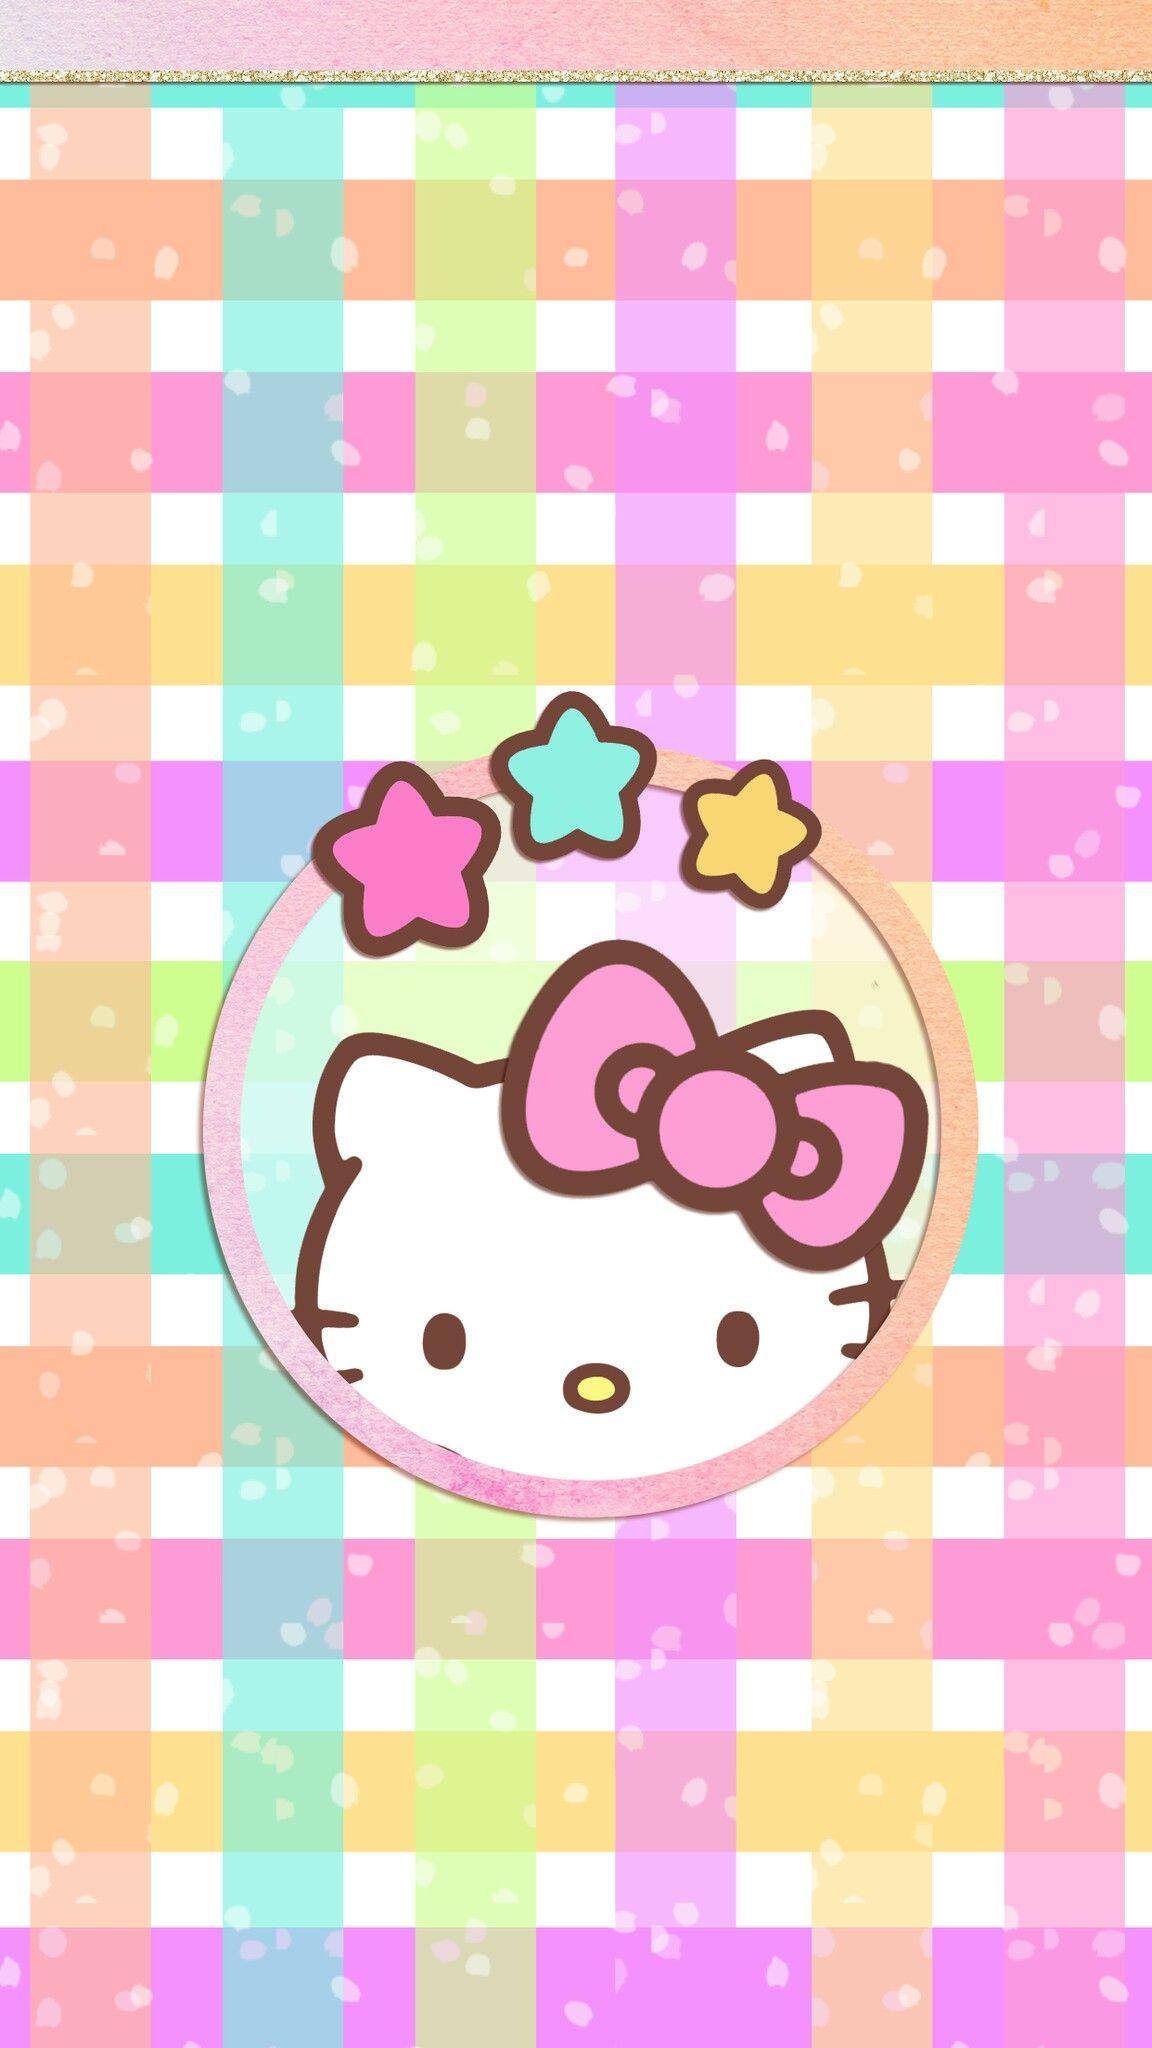 Beautiful Wallpaper Hello Kitty Kawaii - ef40c899fd9d1739d3a9d55bdd807530  Collection_159498.jpg